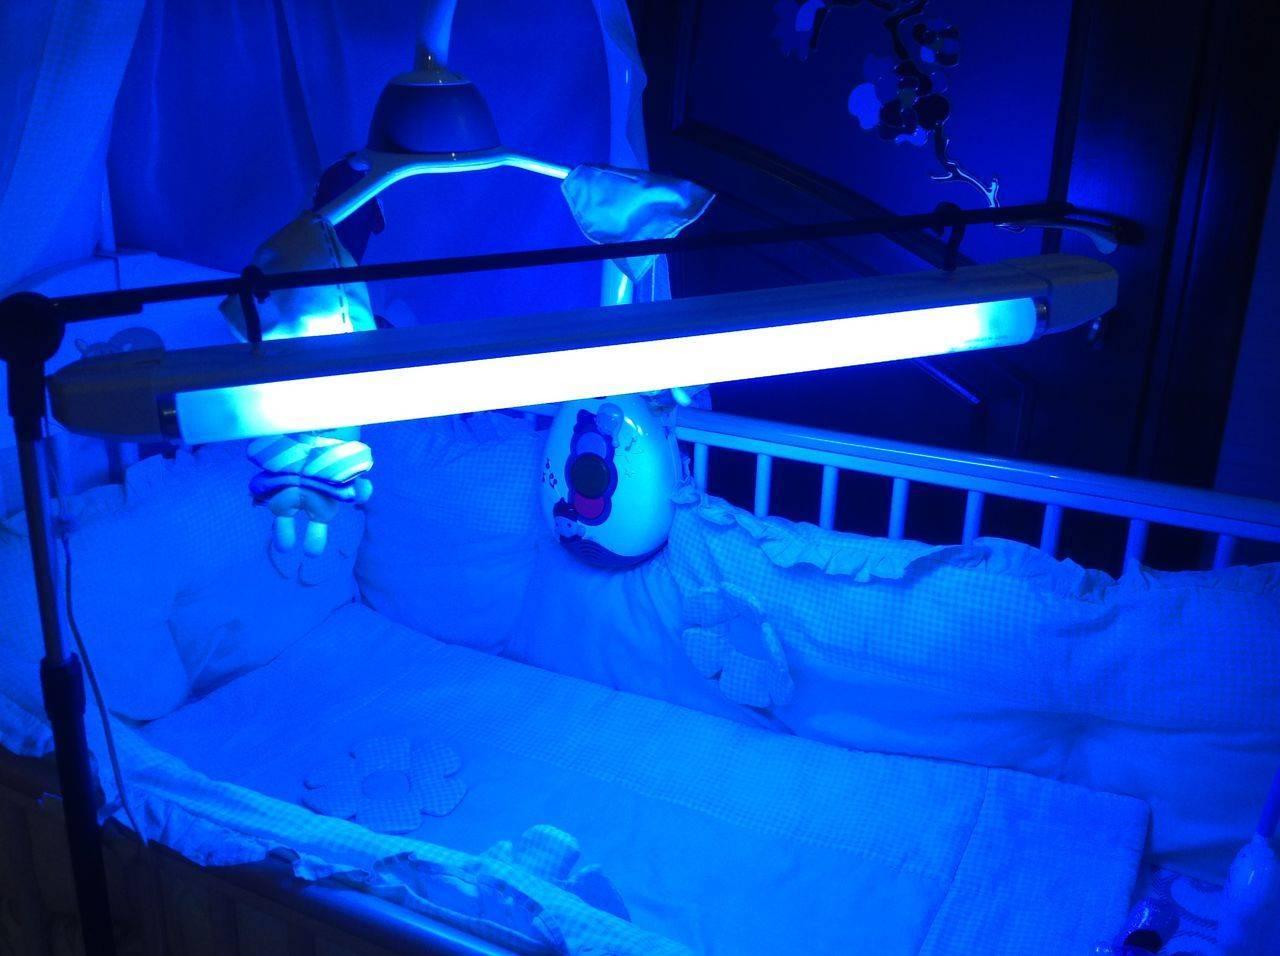 Фототерапия при желтухе у новорожденных: лечение в домашних условиях с помощью лампы